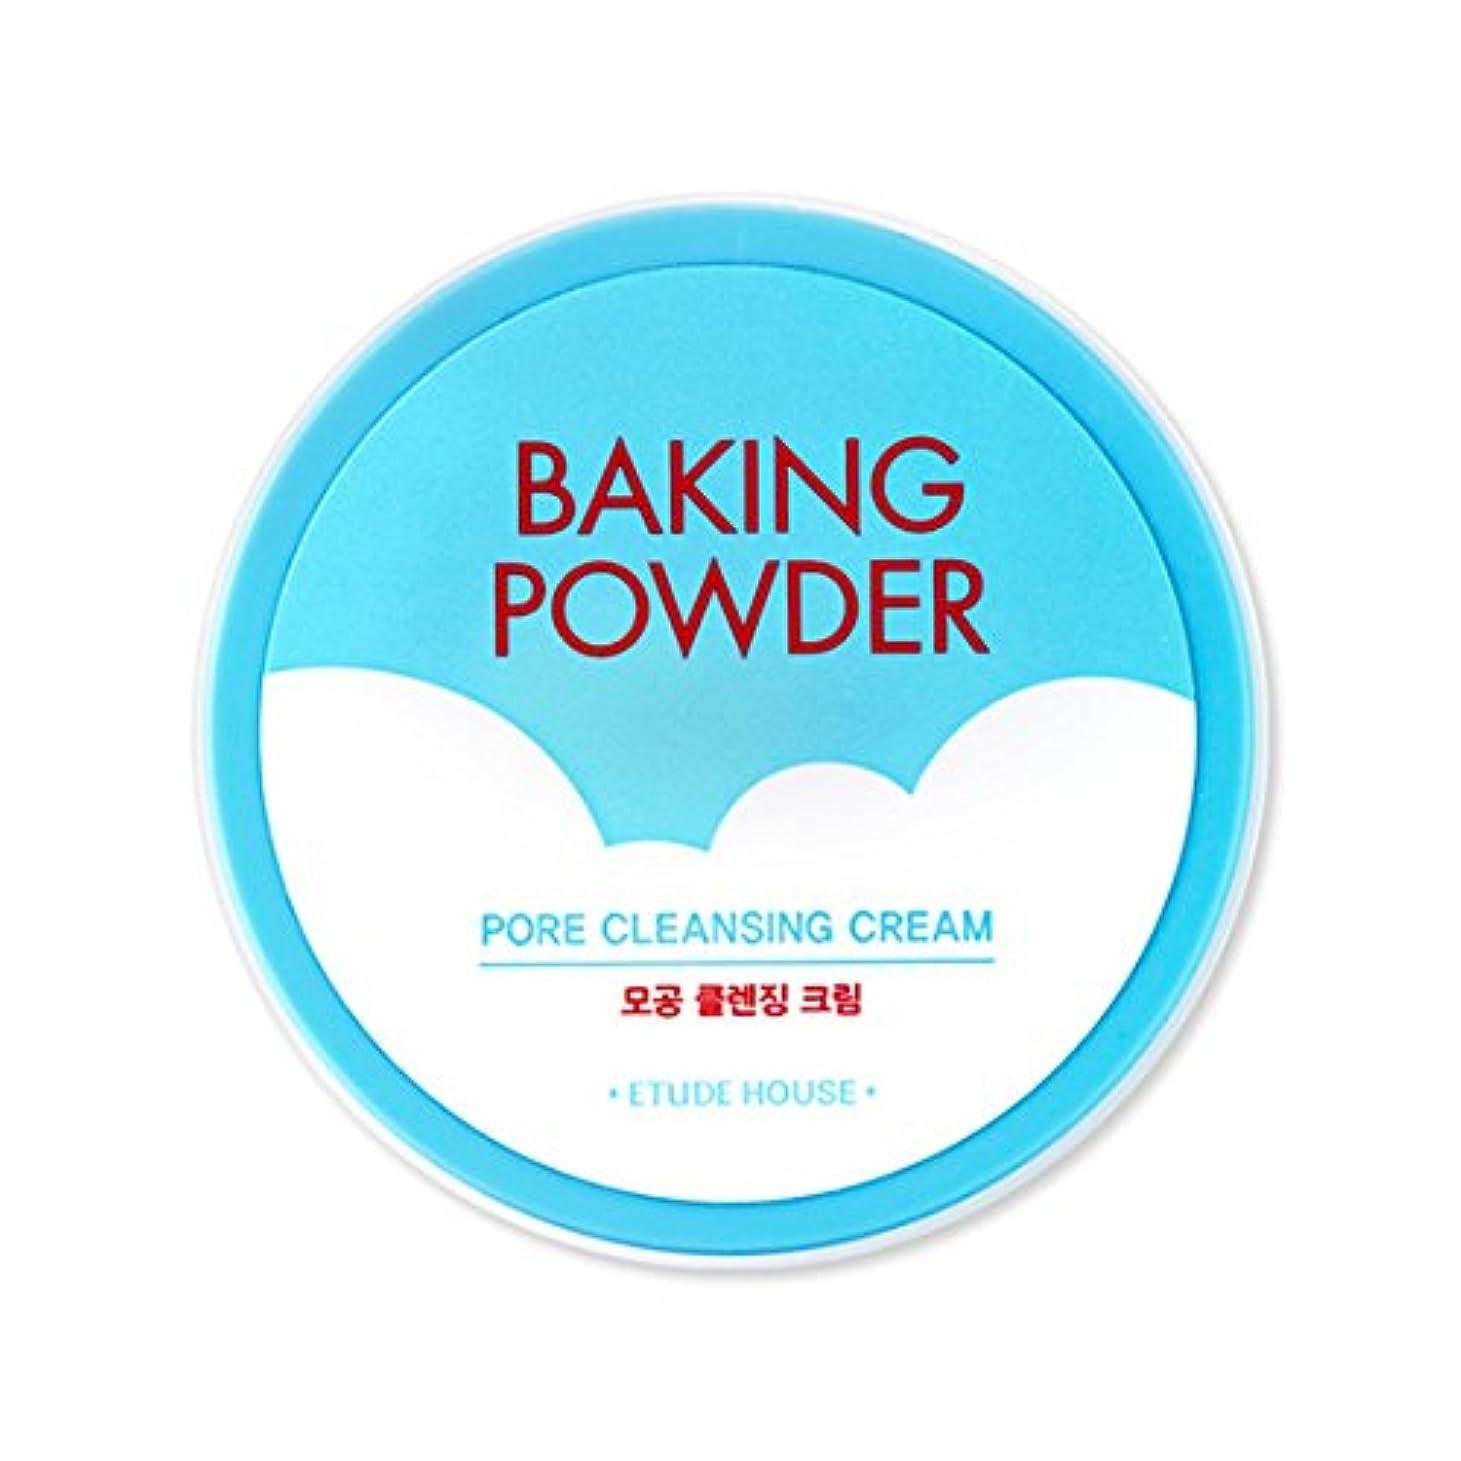 社員仕出します北米[2016 Upgrade!] ETUDE HOUSE Baking Powder Pore Cleansing Cream 180ml/エチュードハウス ベーキング パウダー ポア クレンジング クリーム 180ml...